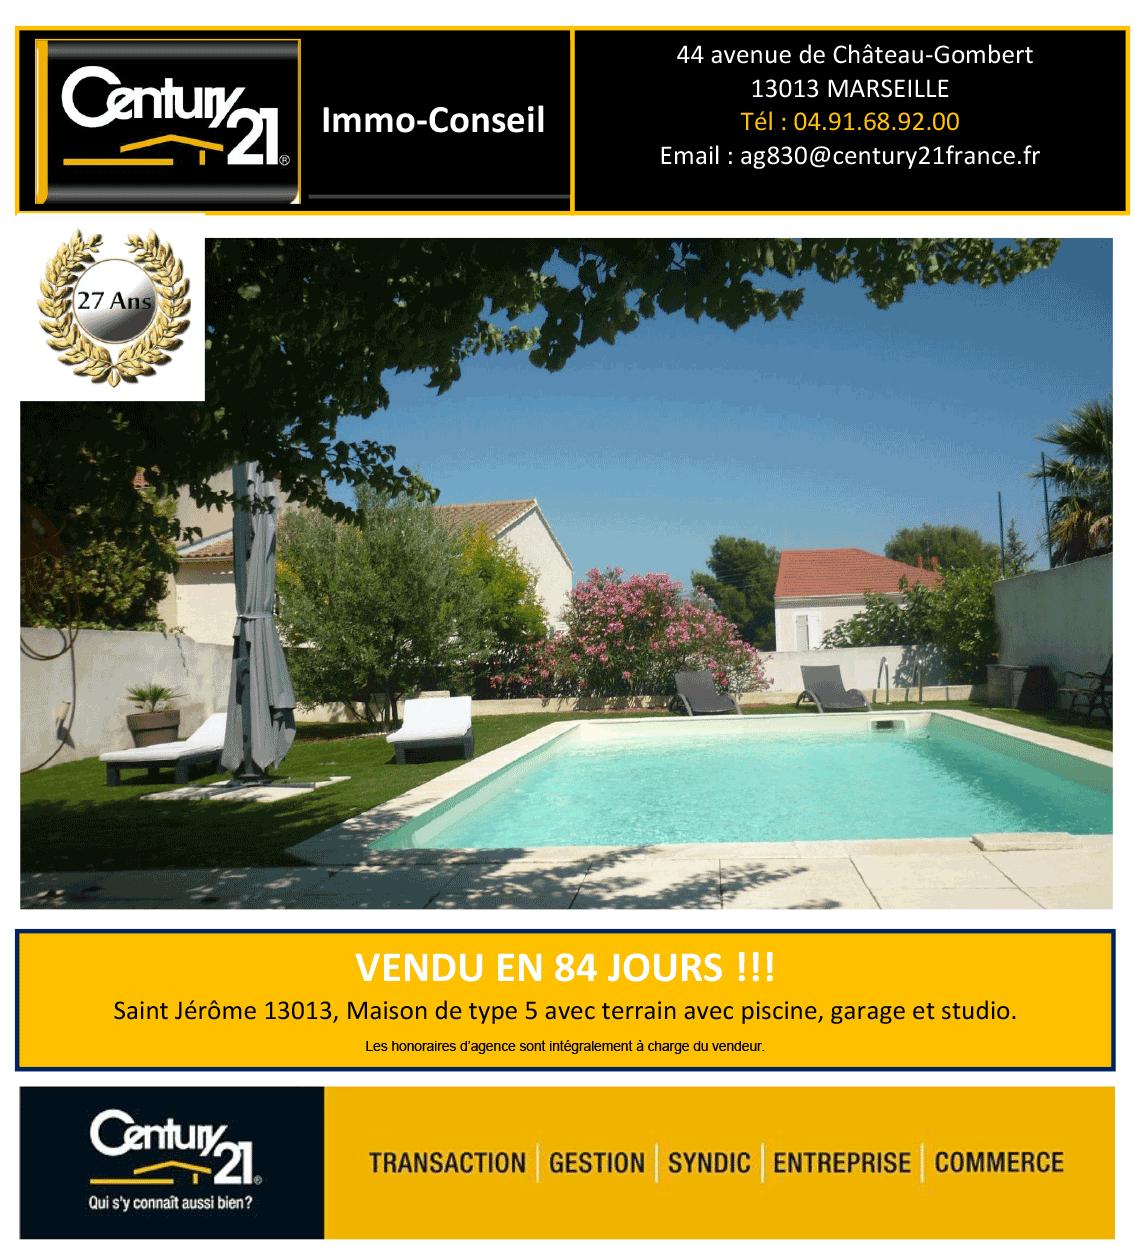 C vendu en 84 jours century21 immo conseil for Garage saint jerome marseille